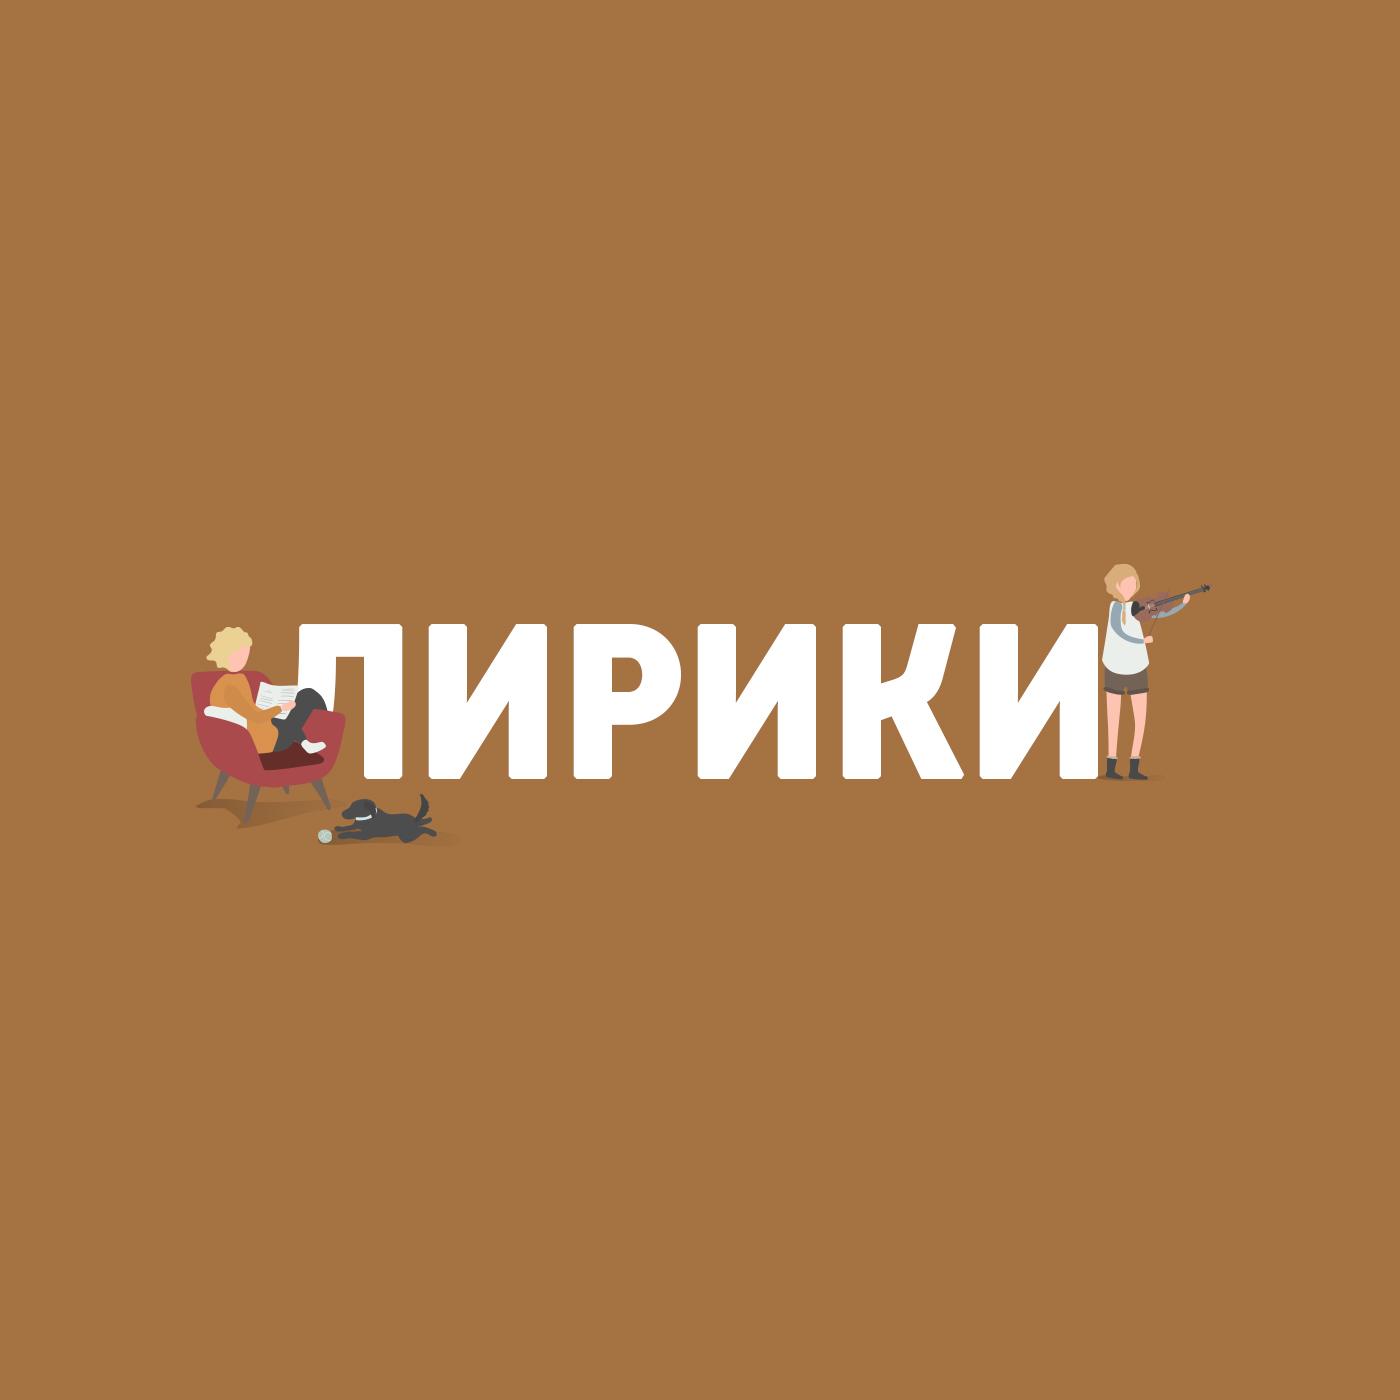 Фото - Маргарита Митрофанова Смешанная реальность маргарита митрофанова здоровый образ жизни мифы и реальность